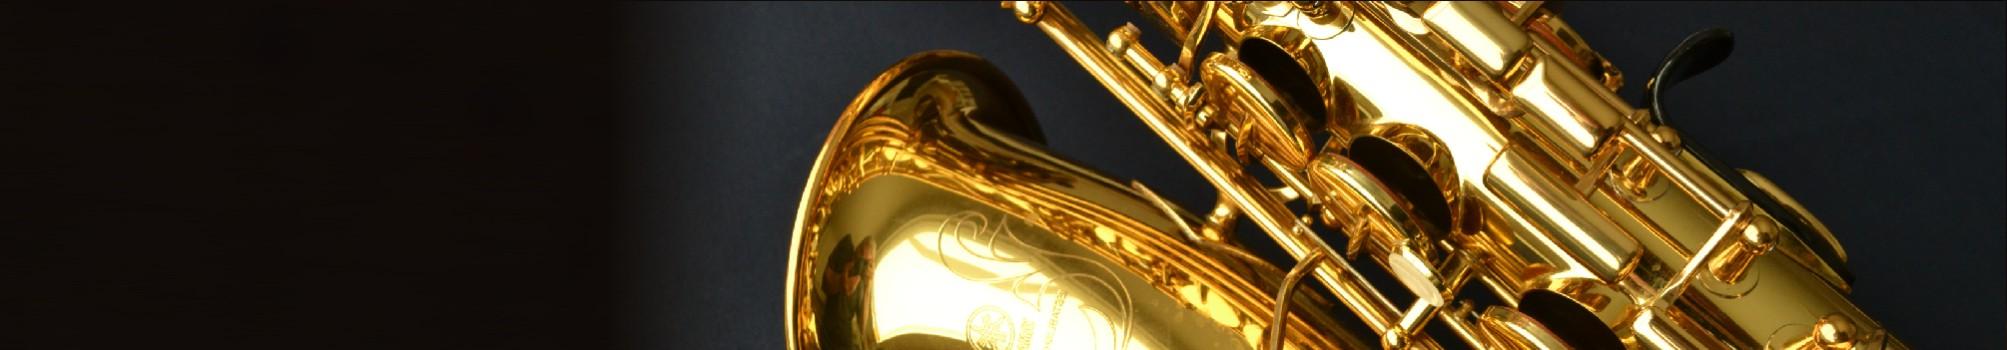 detalhe saxofone